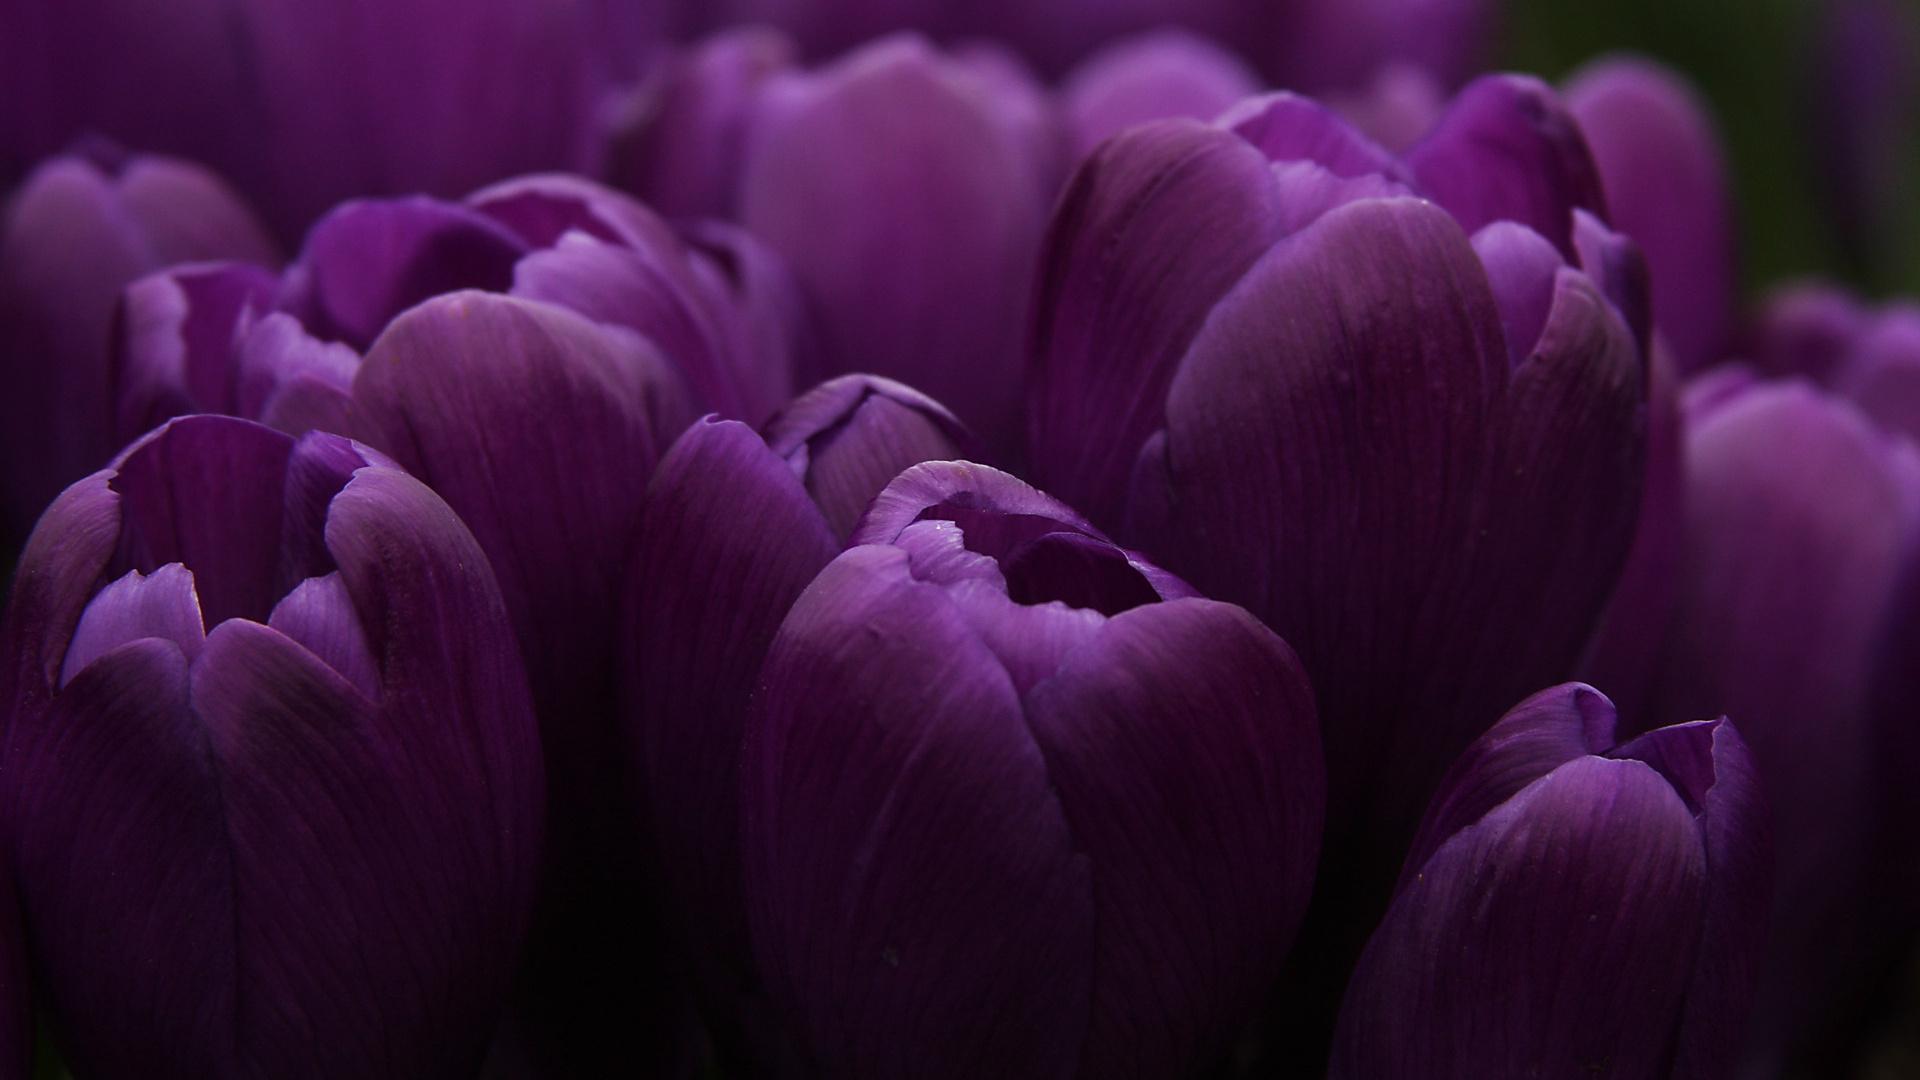 Картинки высокого разрешения фиолетовые